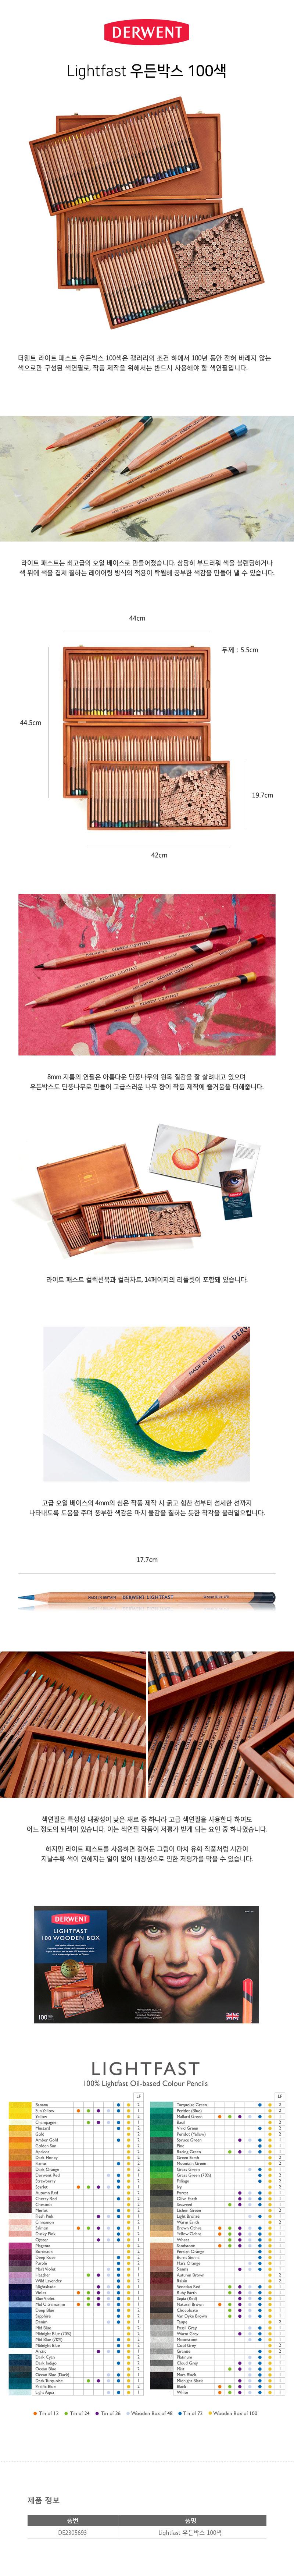 더웬트 라이트패스트 색연필 우든박스 100색 - 캘리하우스, 530,000원, 색연필/사인펜/크레파스, 색연필